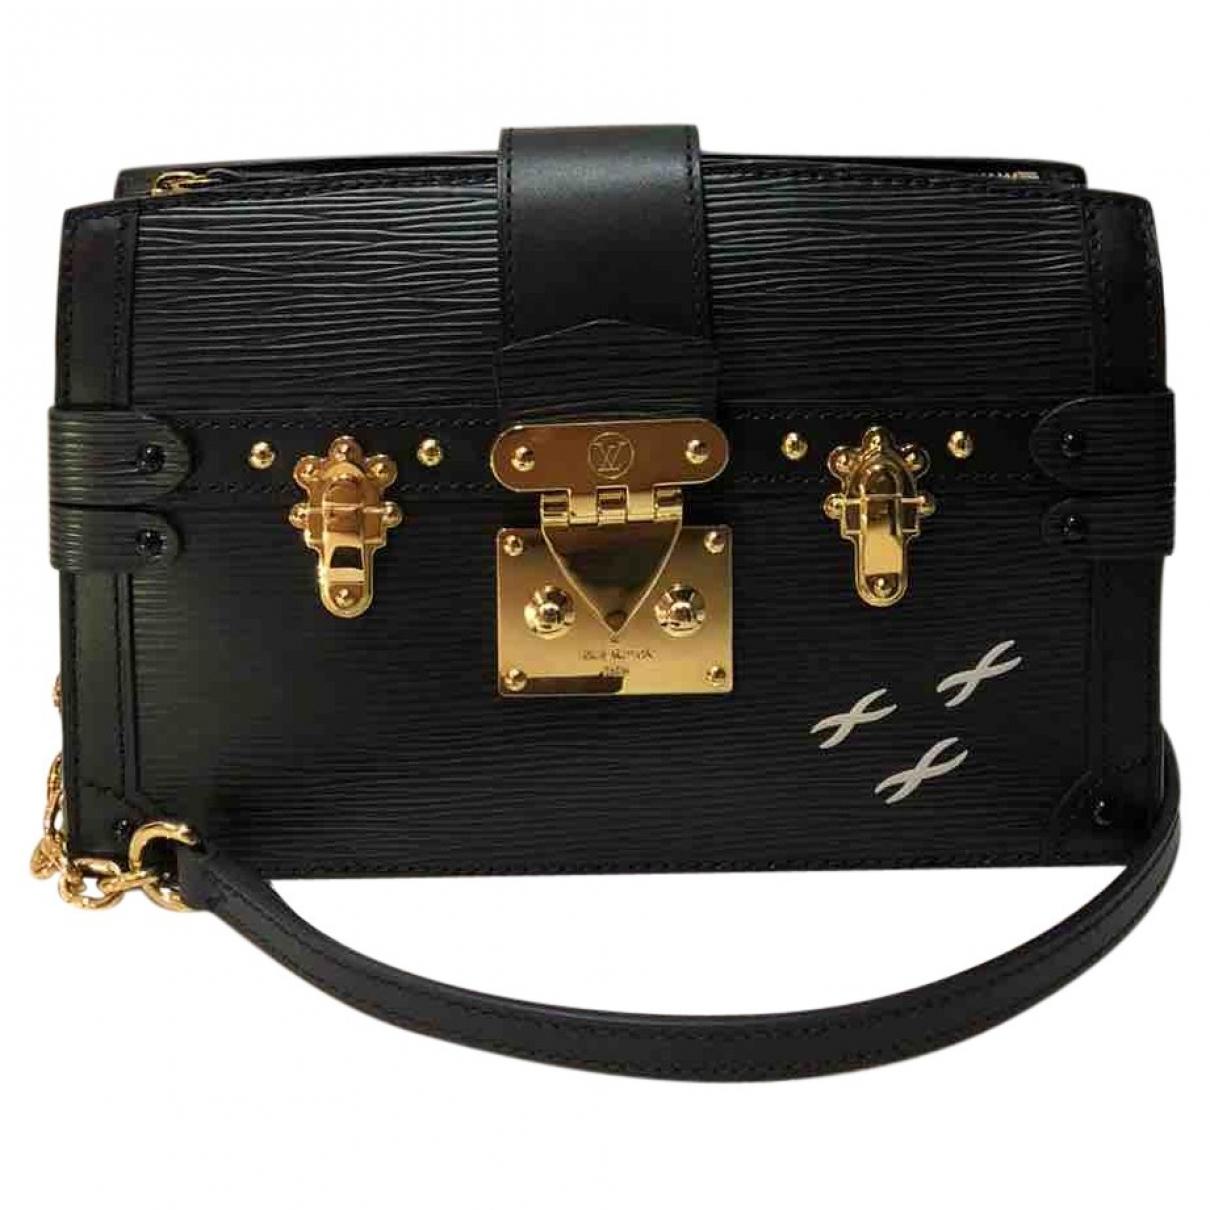 Louis Vuitton - Sac a main Pochette Trunk pour femme en cuir - noir